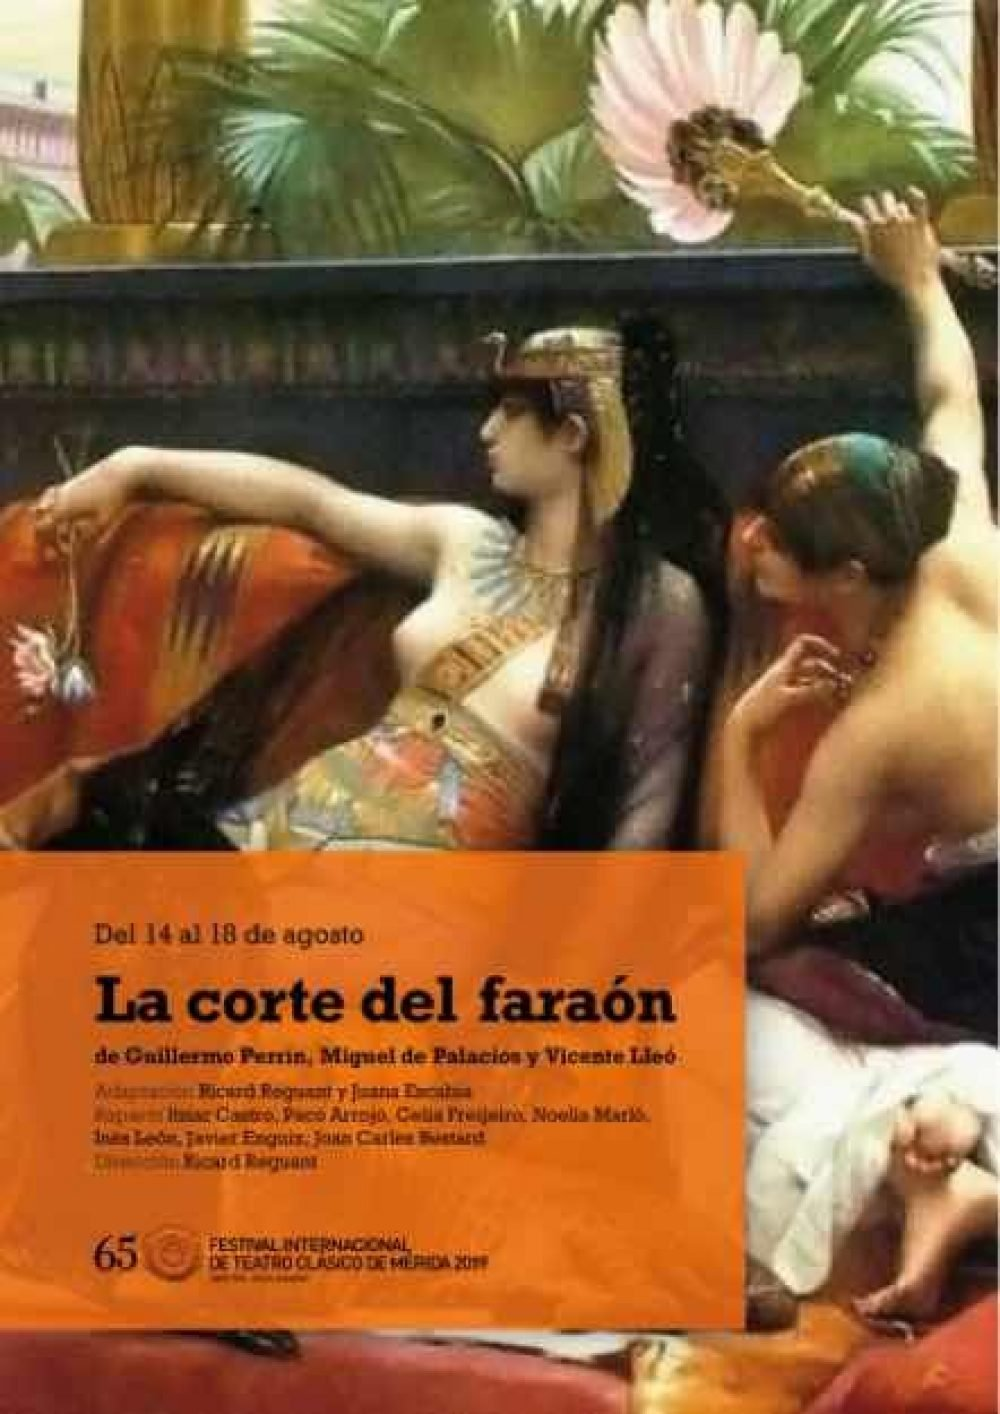 La corte del faraón. Festival Internacional de Teatro Clásico de Mérida